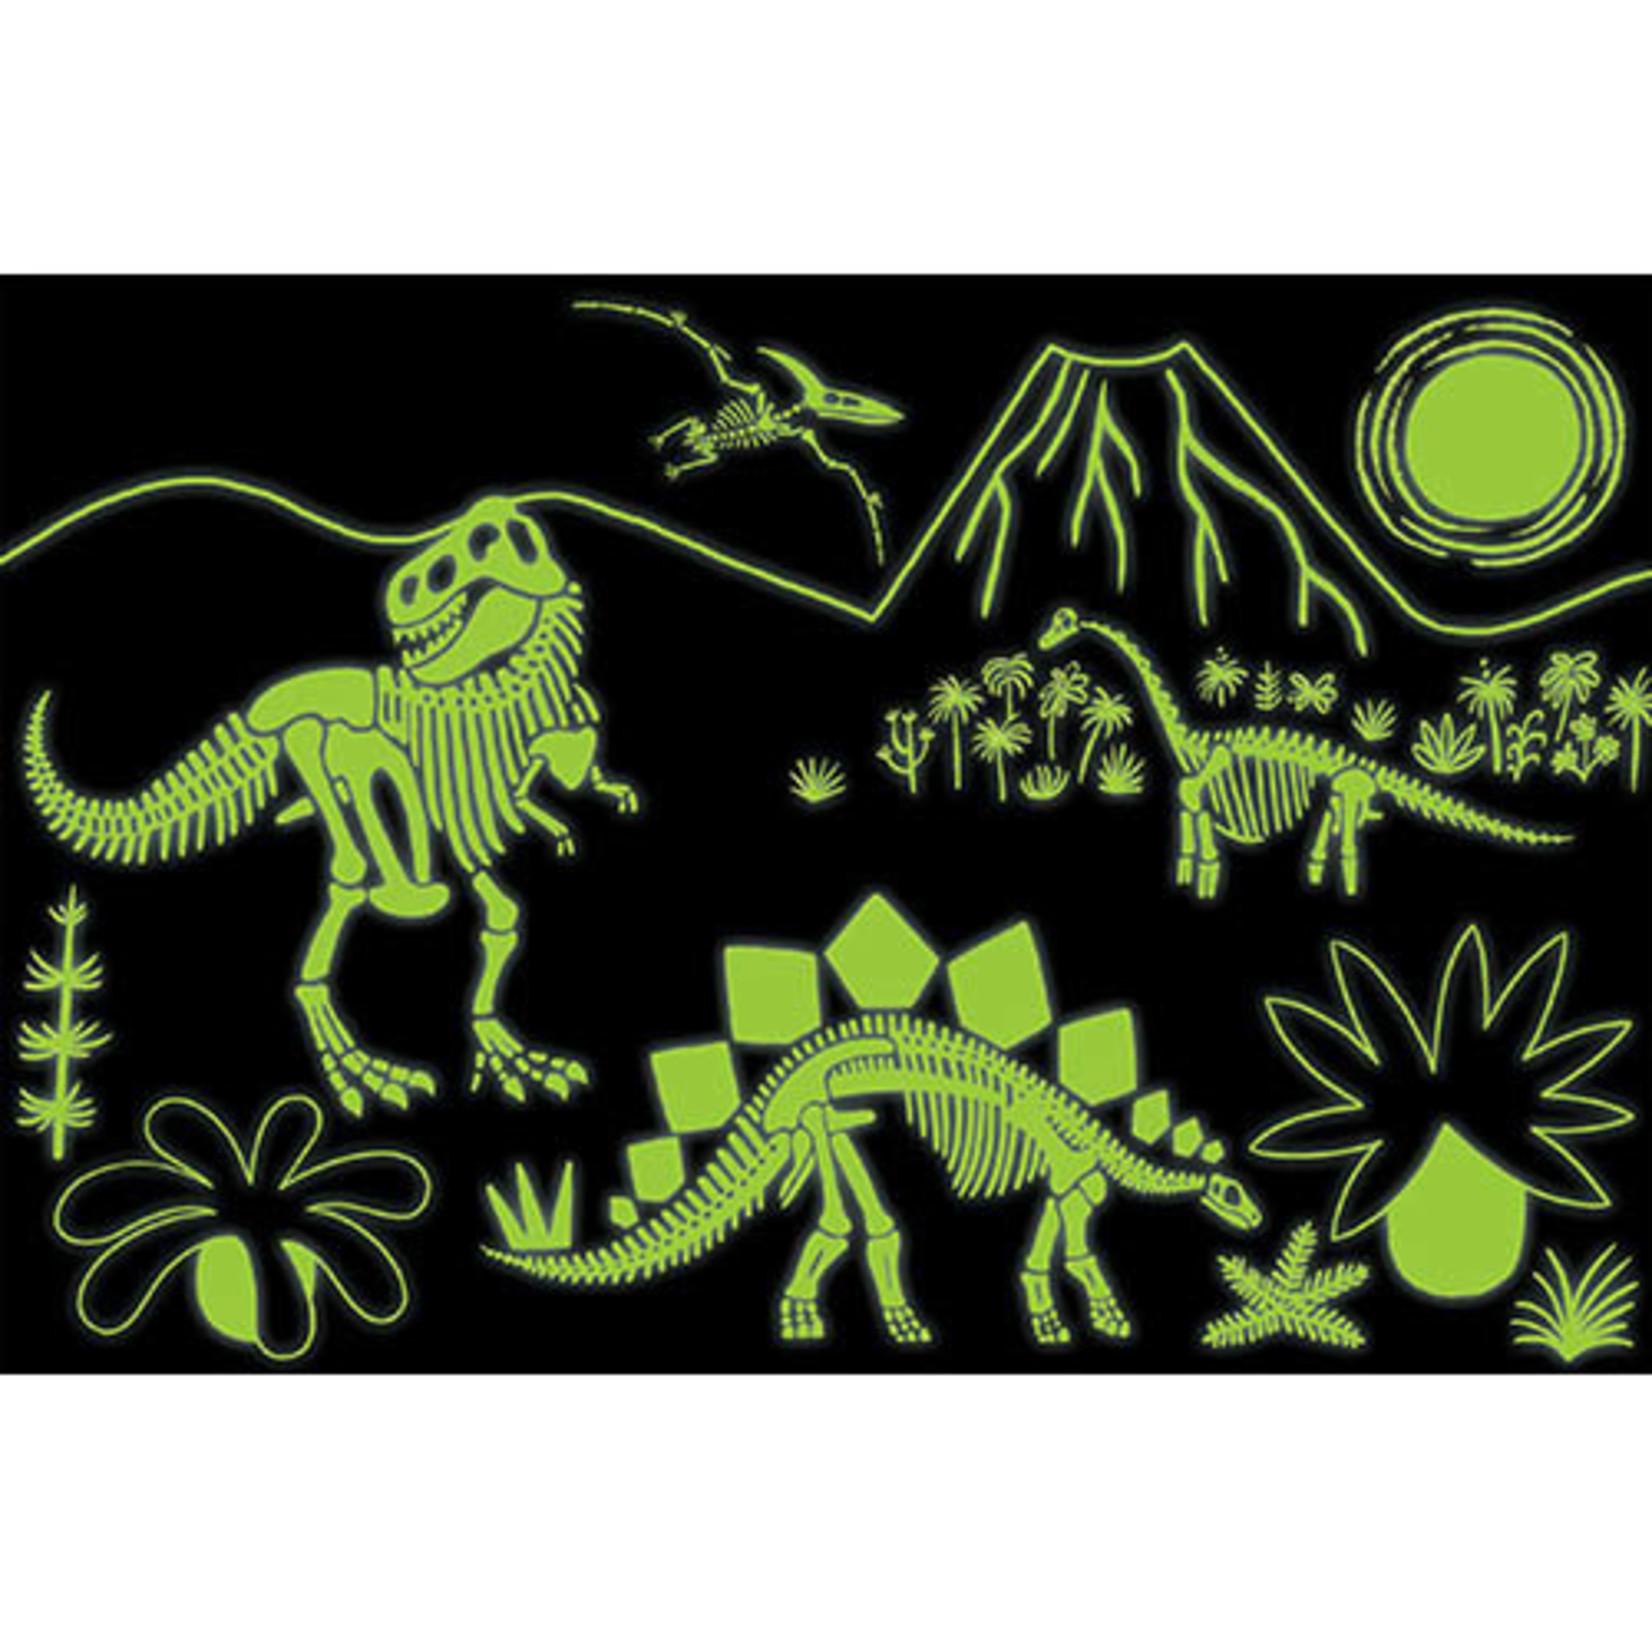 Puzzel Glow in the dark - Dinosaurus